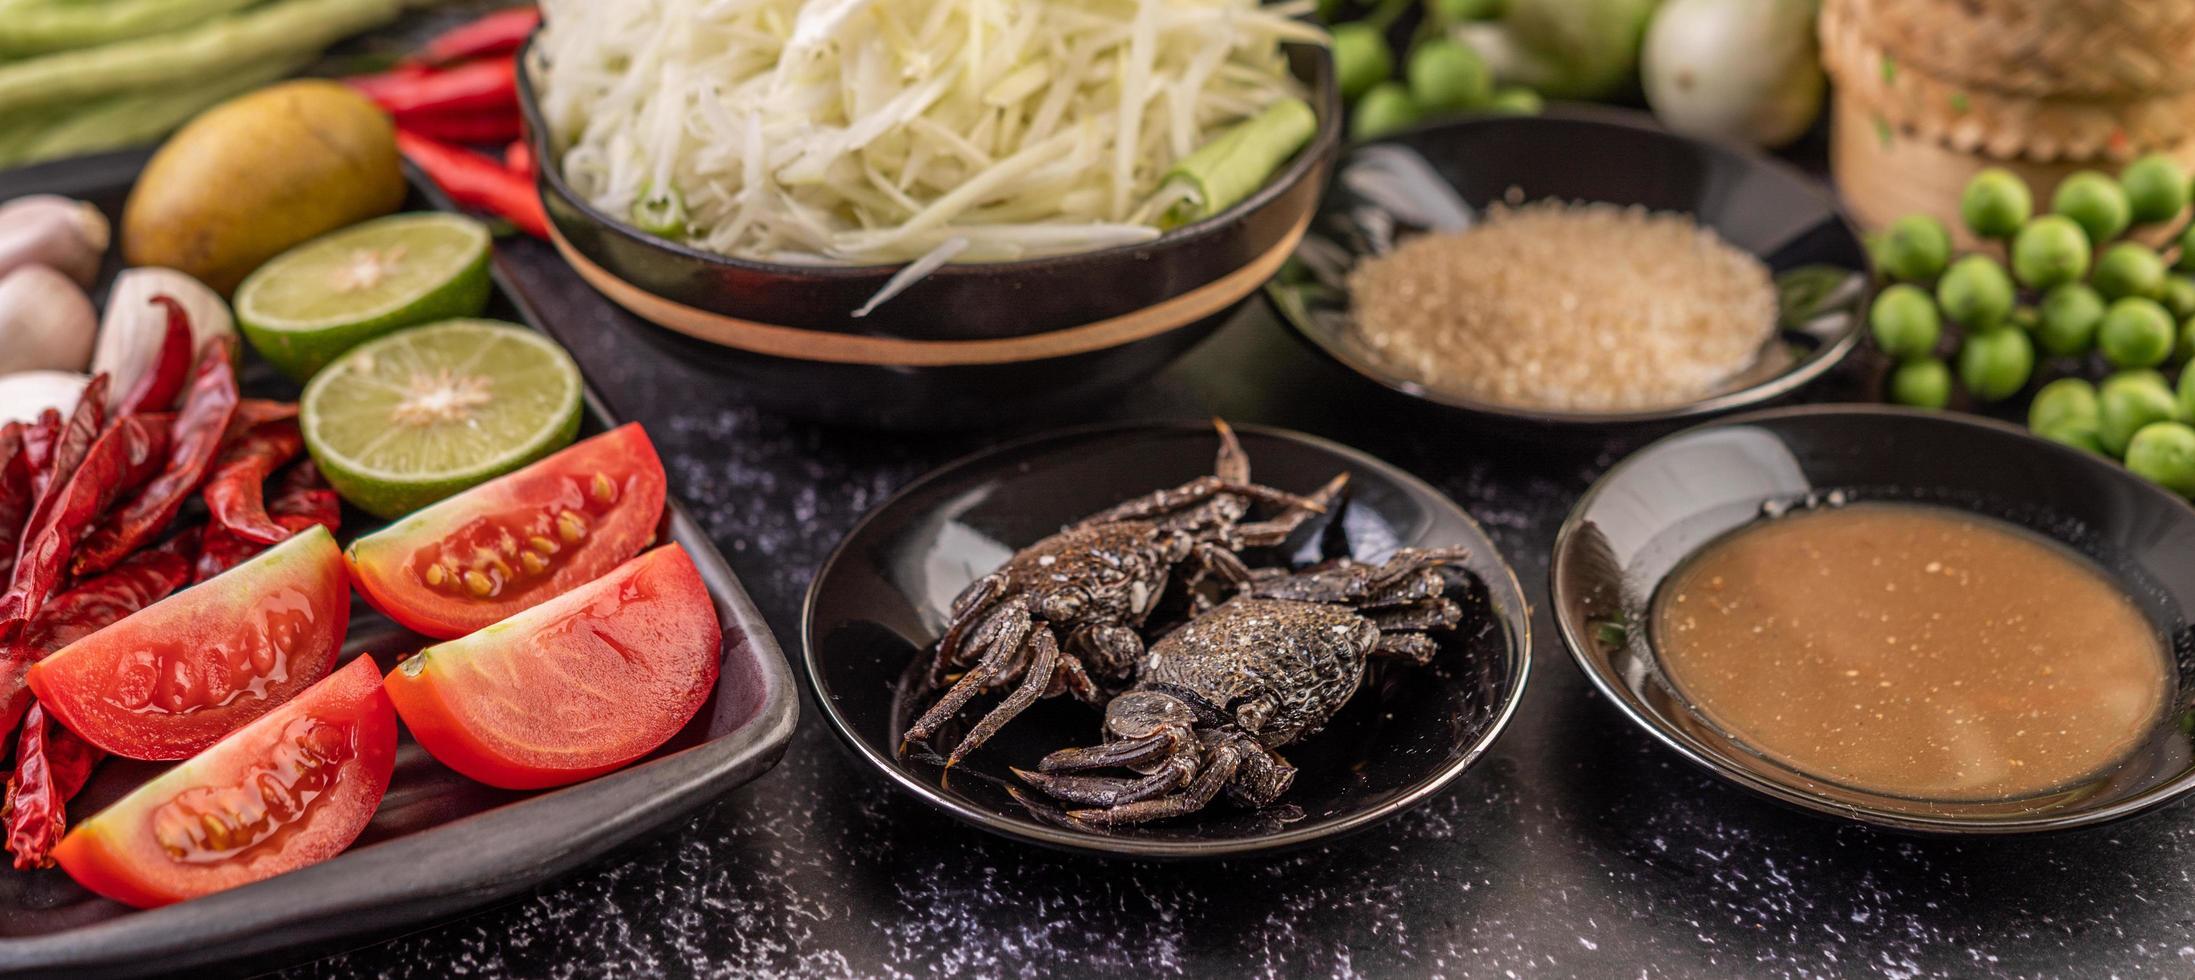 Ingredientes de ensalada de papaya con pescado fermentado foto